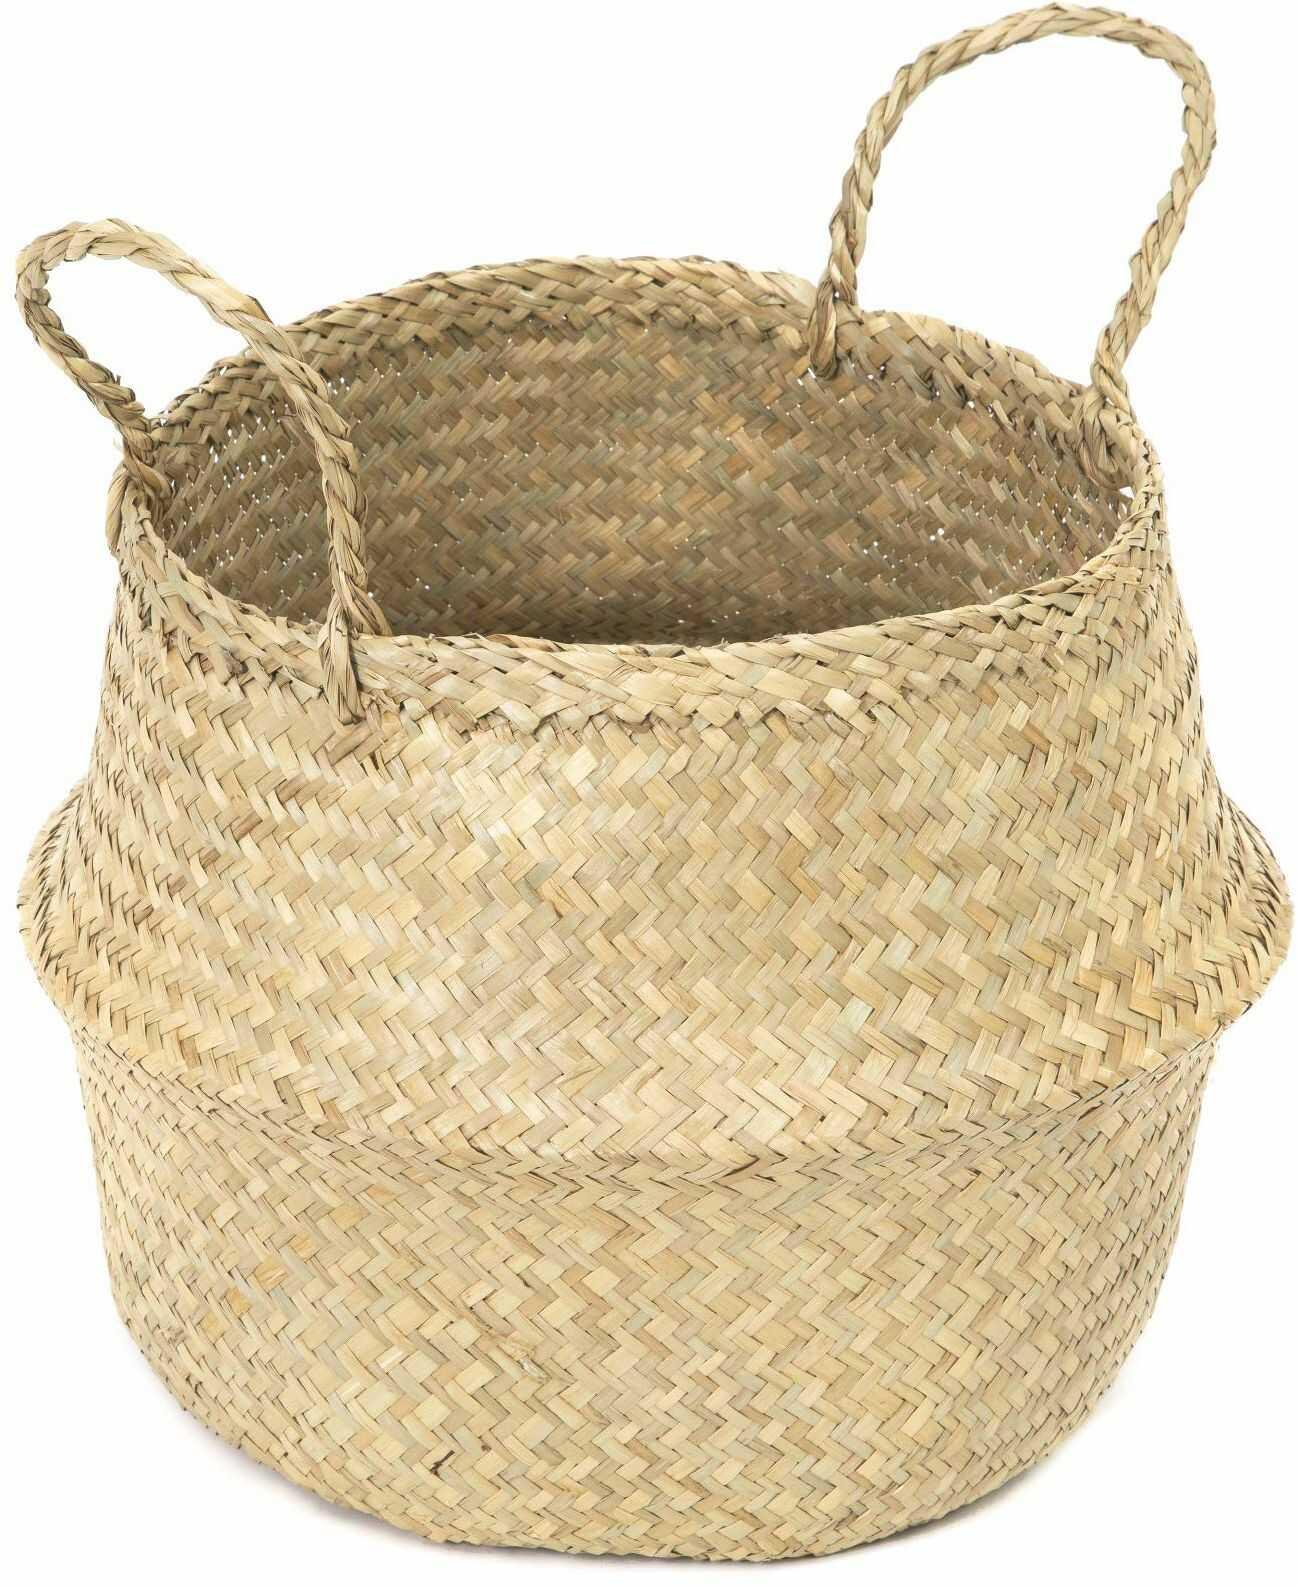 COMPACTOR RAN8406 kosz do przechowywania z ręcznie plecionej trawy morskiej, składany, z uchwytami, jasne drewno, średnica: Ø 35 x 32 cm